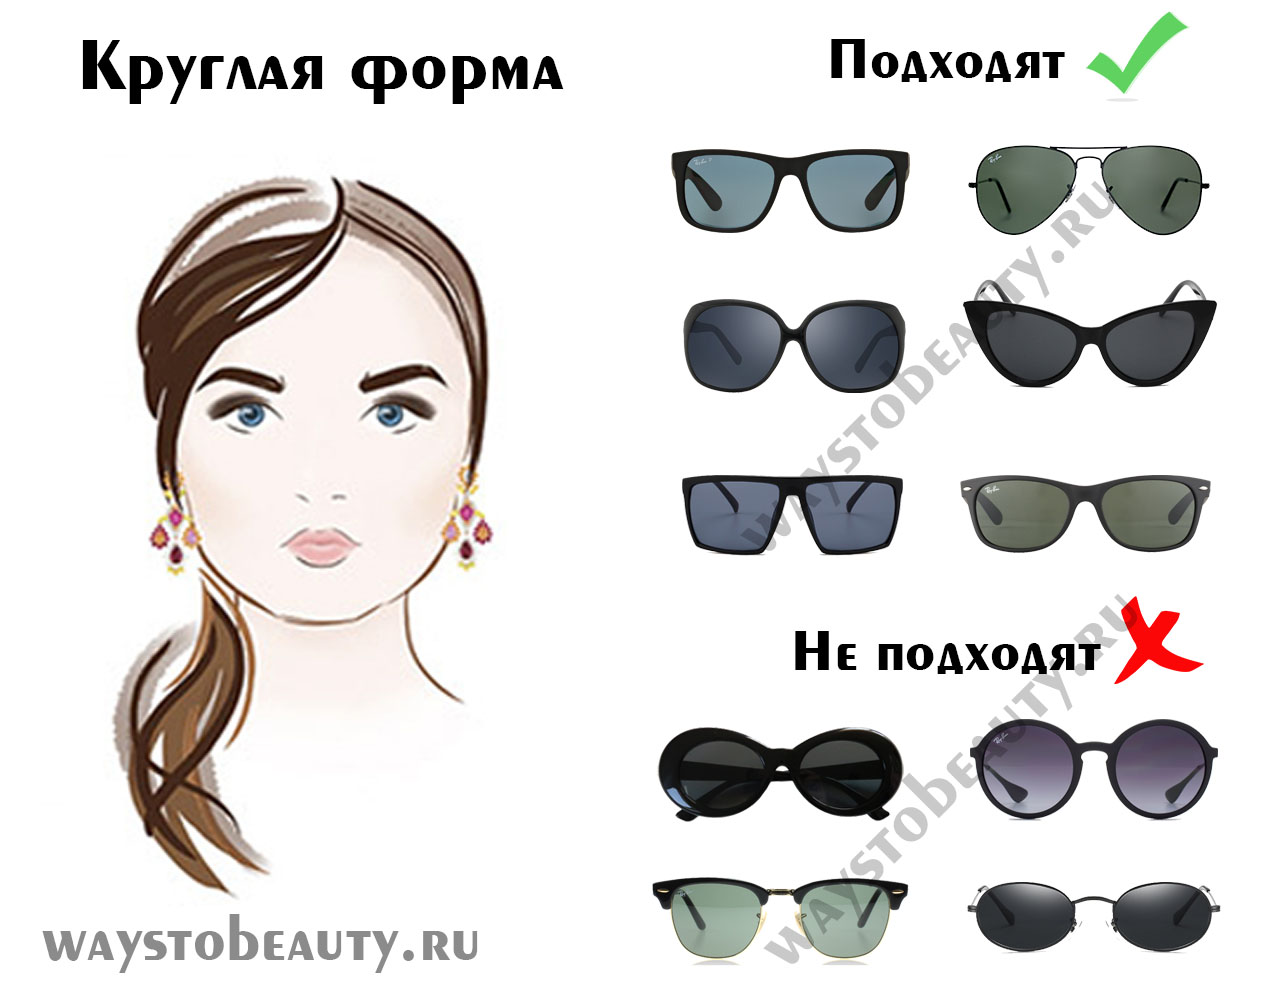 Как выбрать солнцезащитные очки   Ways to Beauty 450d7aa40e4